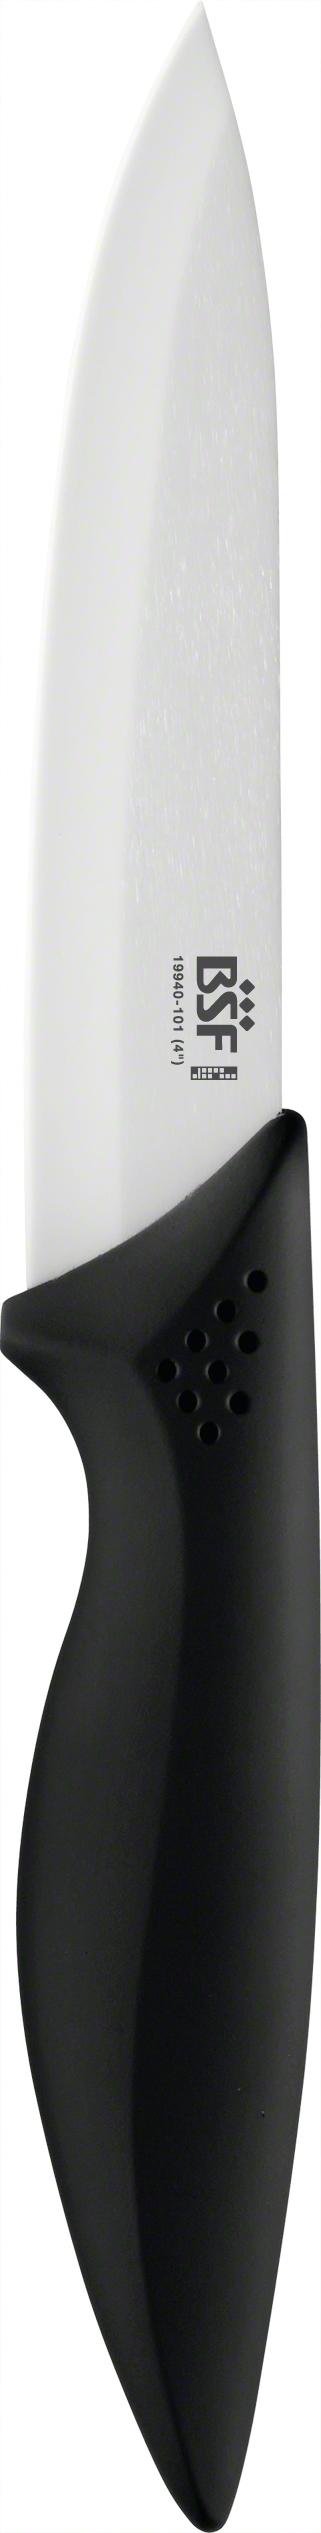 BSF: Ohio Küchenmesser, 100mm